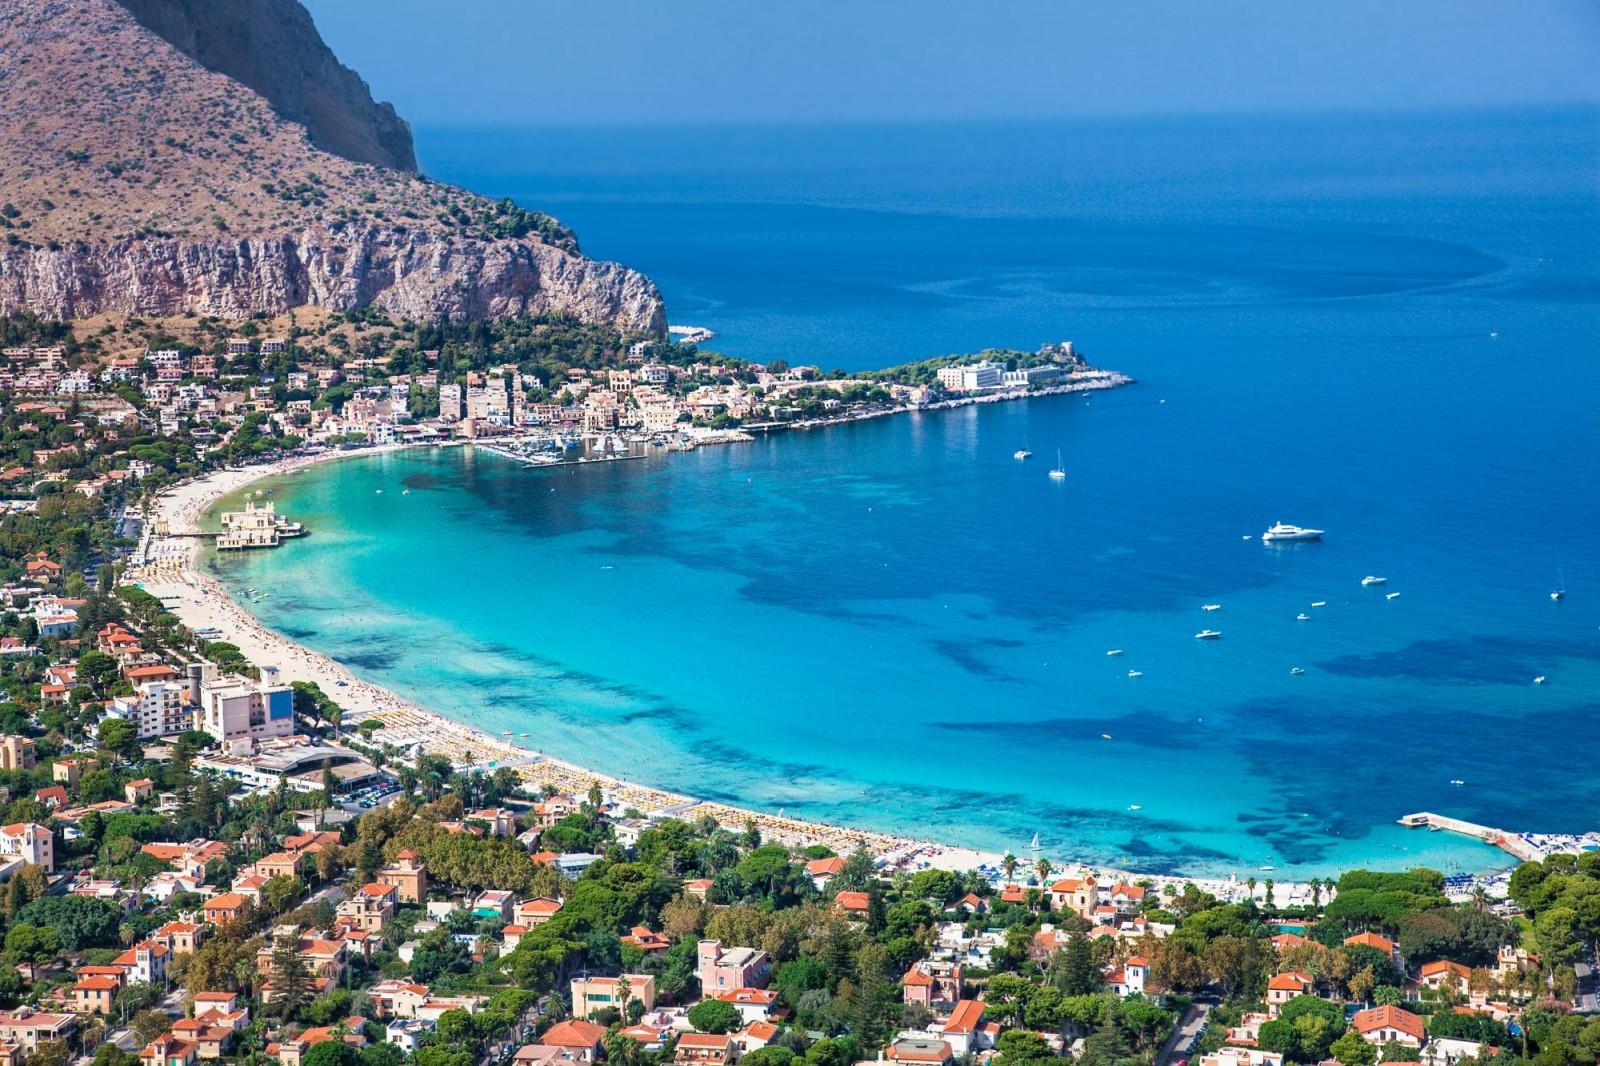 Cartina Sicilia Mondello.Mondello Spiagge Cosa Vedere E Hotel Consigliati Assicurazione Di Viaggio